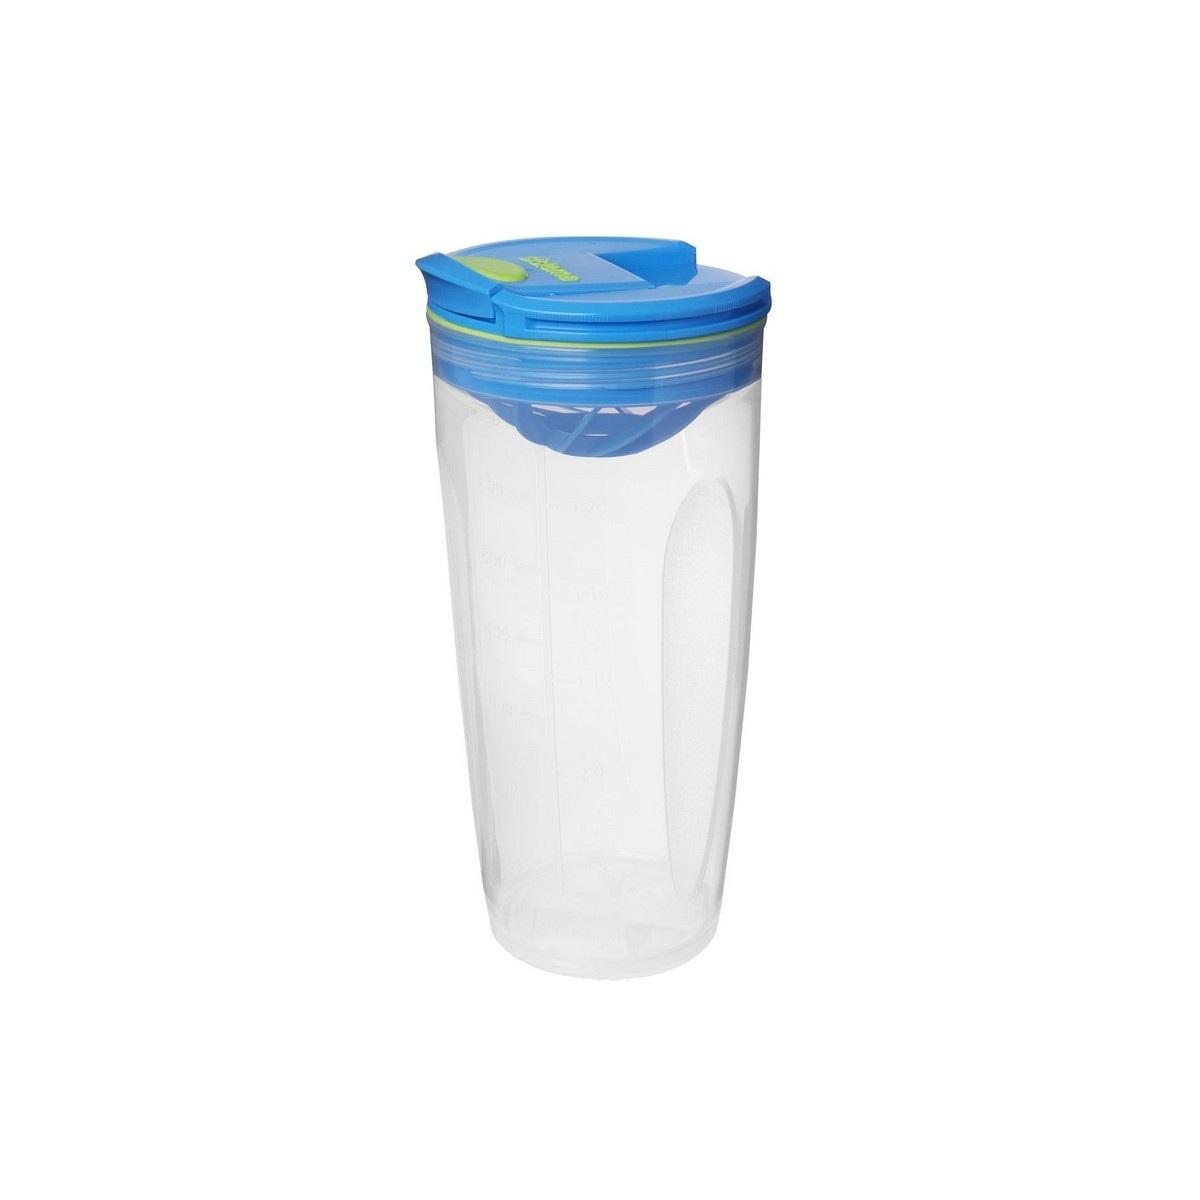 TO-GO ШейкерSistema Plastics существует более 30 лет, производит качественную, эргономичную и безопасную посуду для ежедневного использования. Шейкер найдет свое место на каждой кухне. Внимание! Заранее выбрать цвет не представляется возможным.<br>